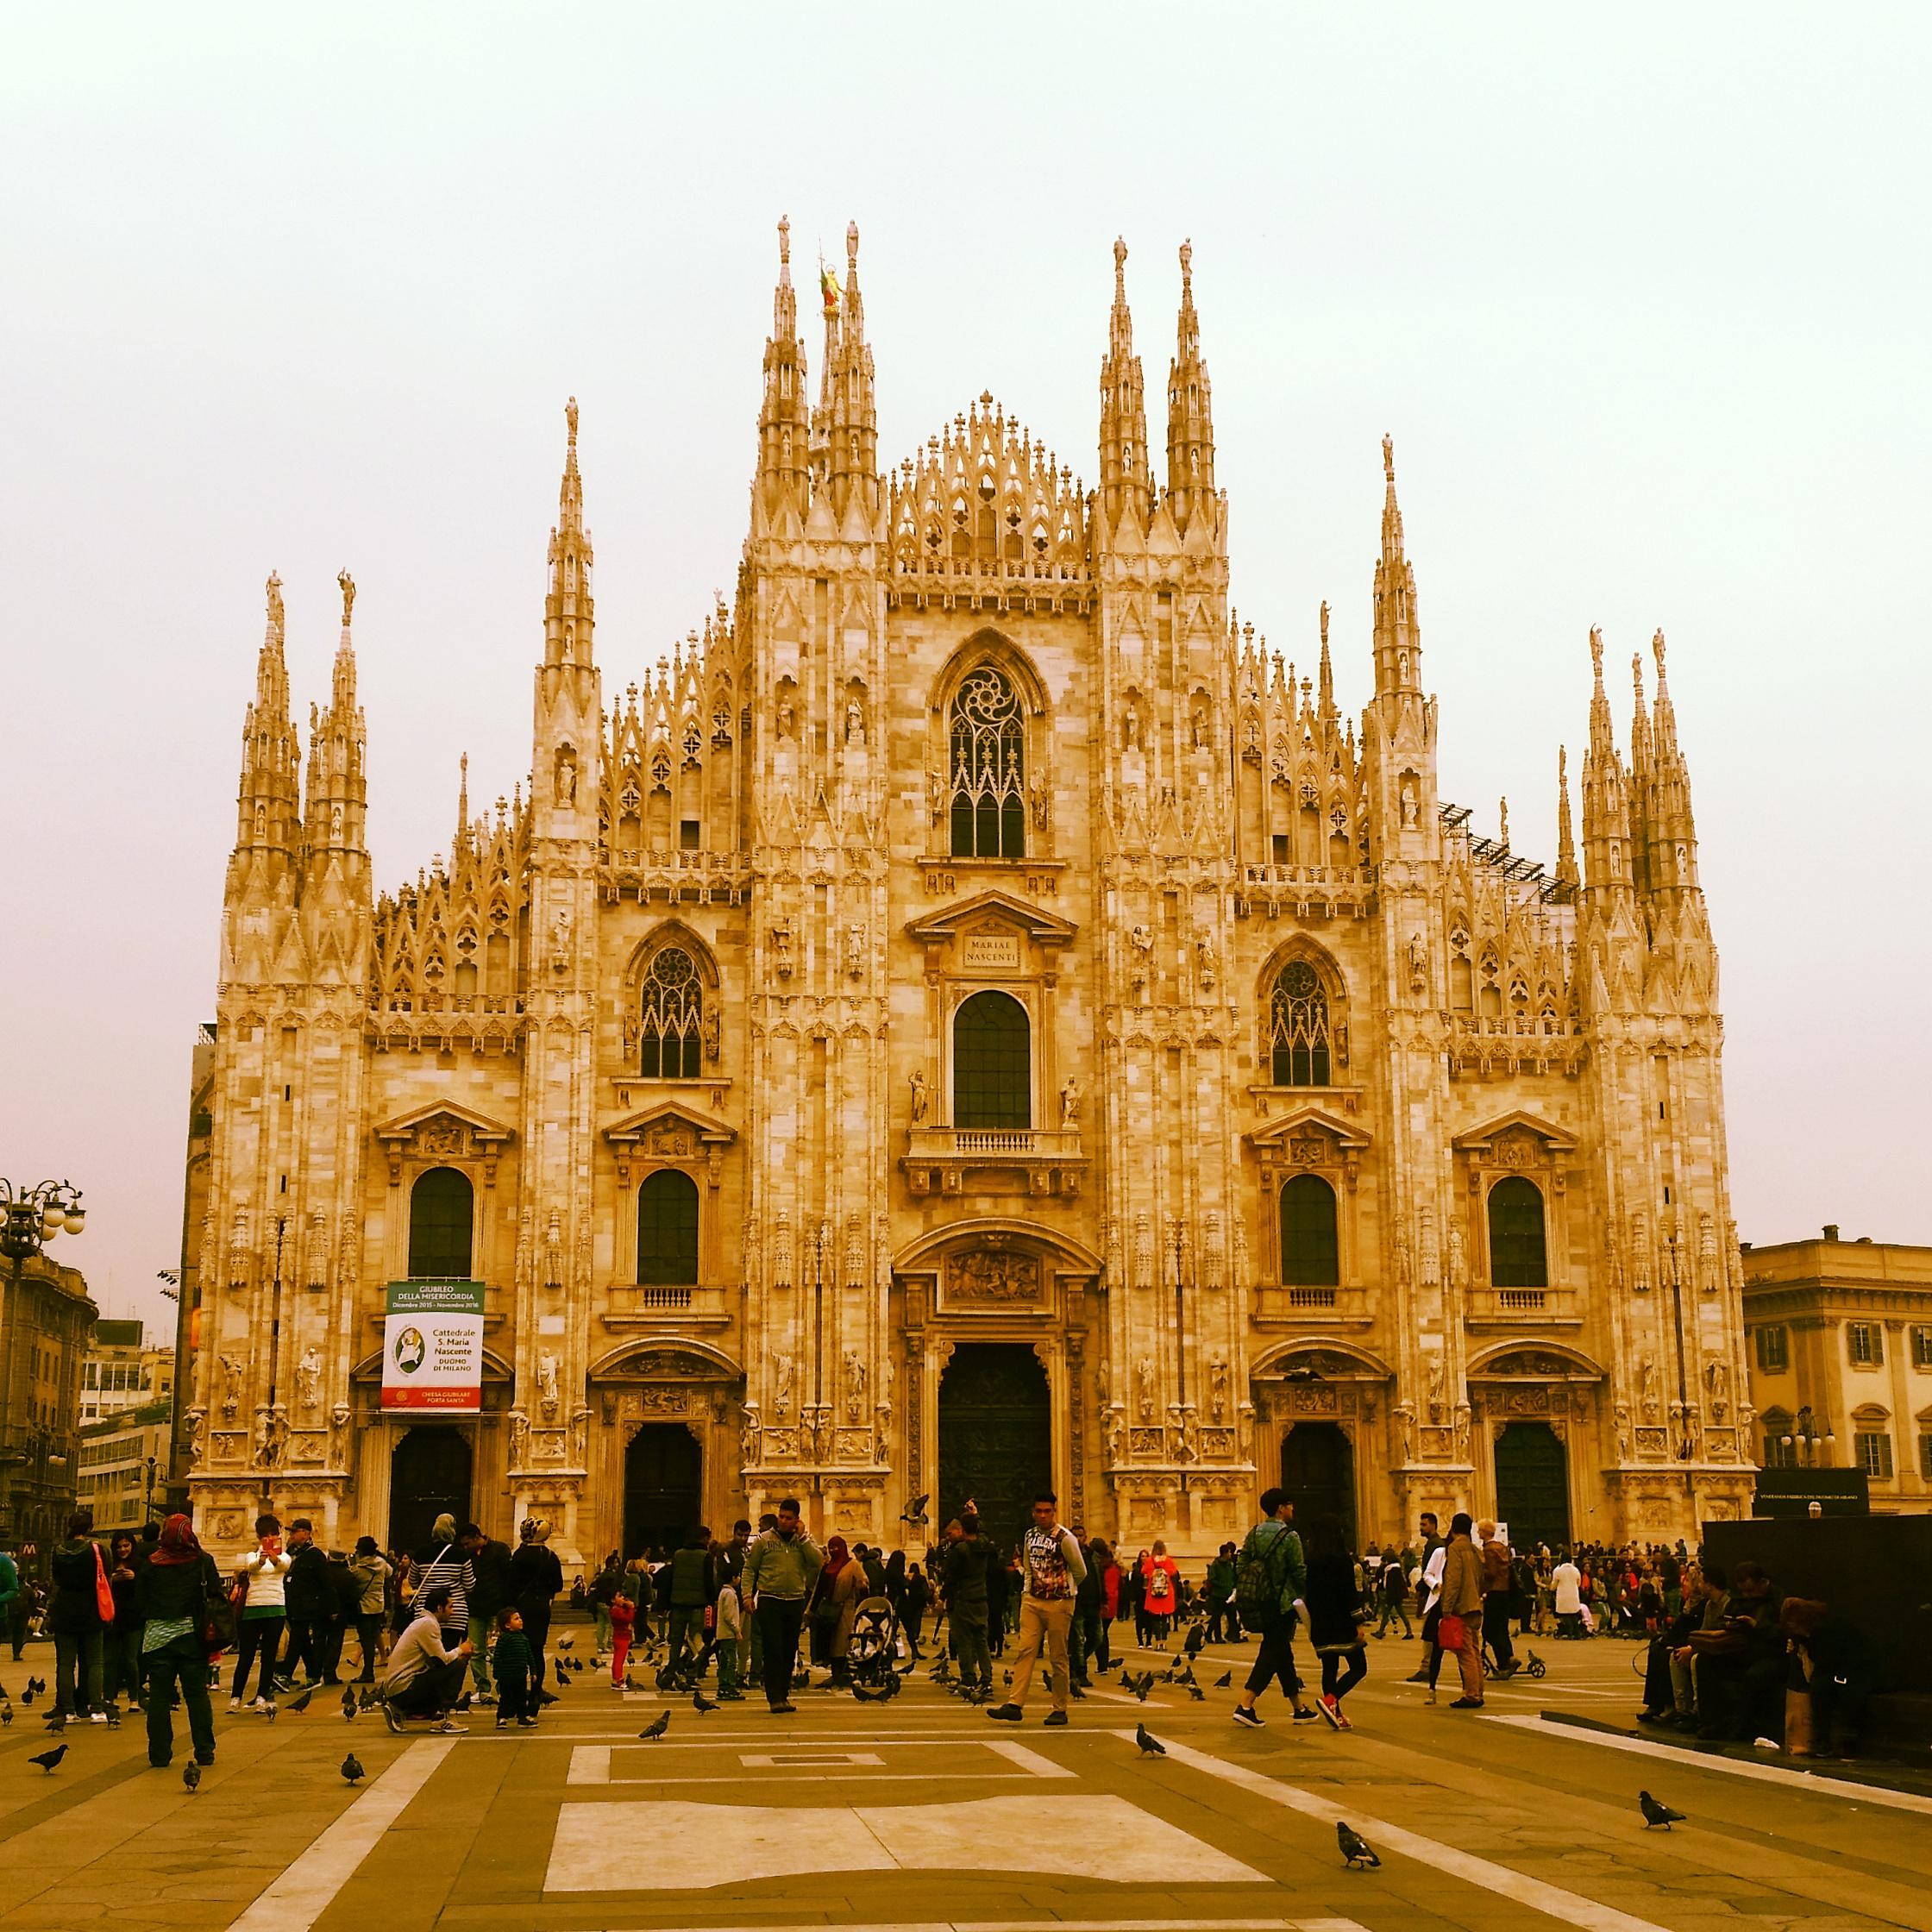 Il Duomo - Mailänder Dom